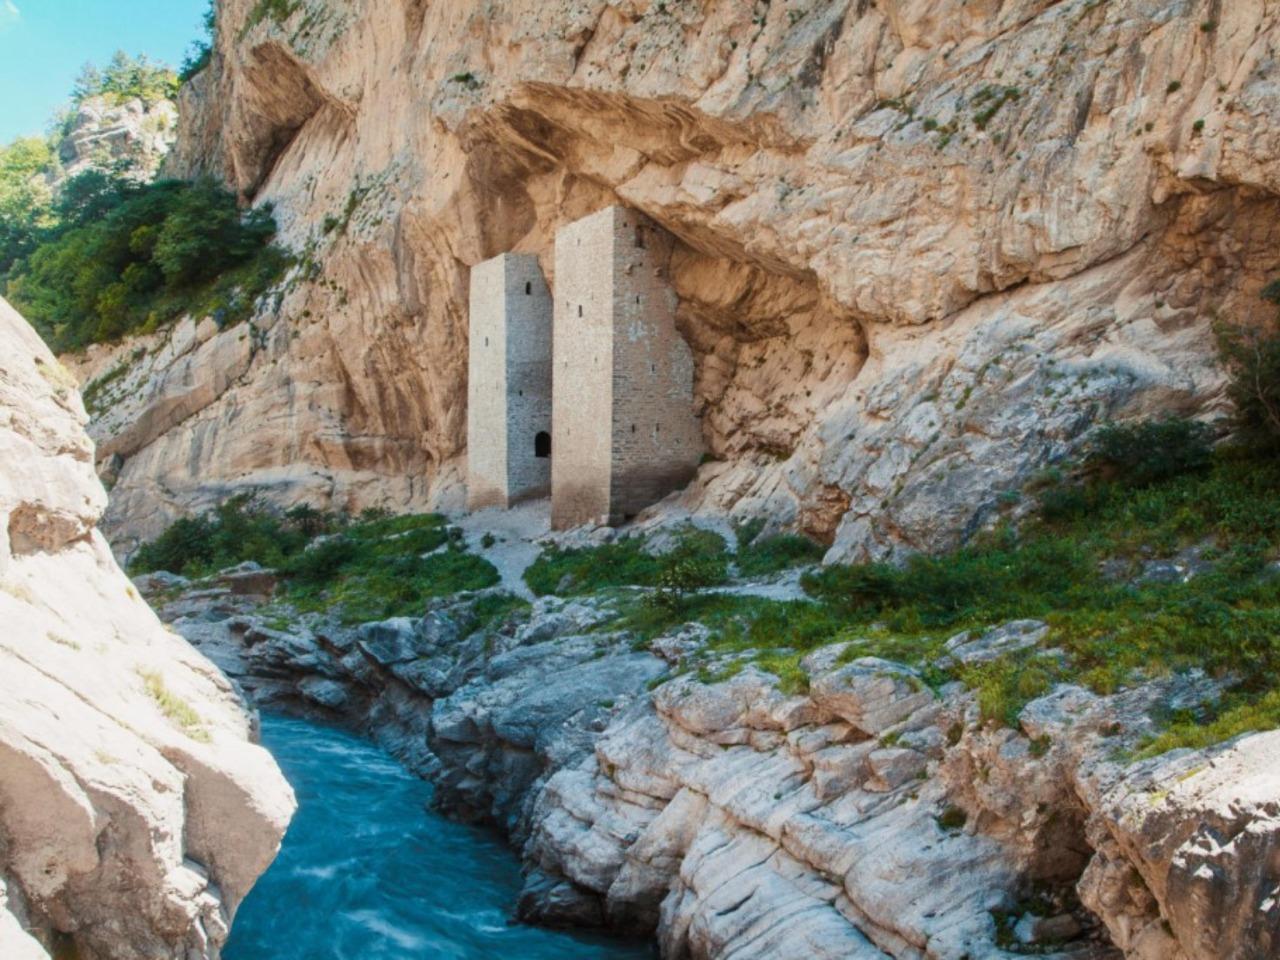 Овеянное легендами Аргунское ущелье - индивидуальная экскурсия в Грозном от опытного гида